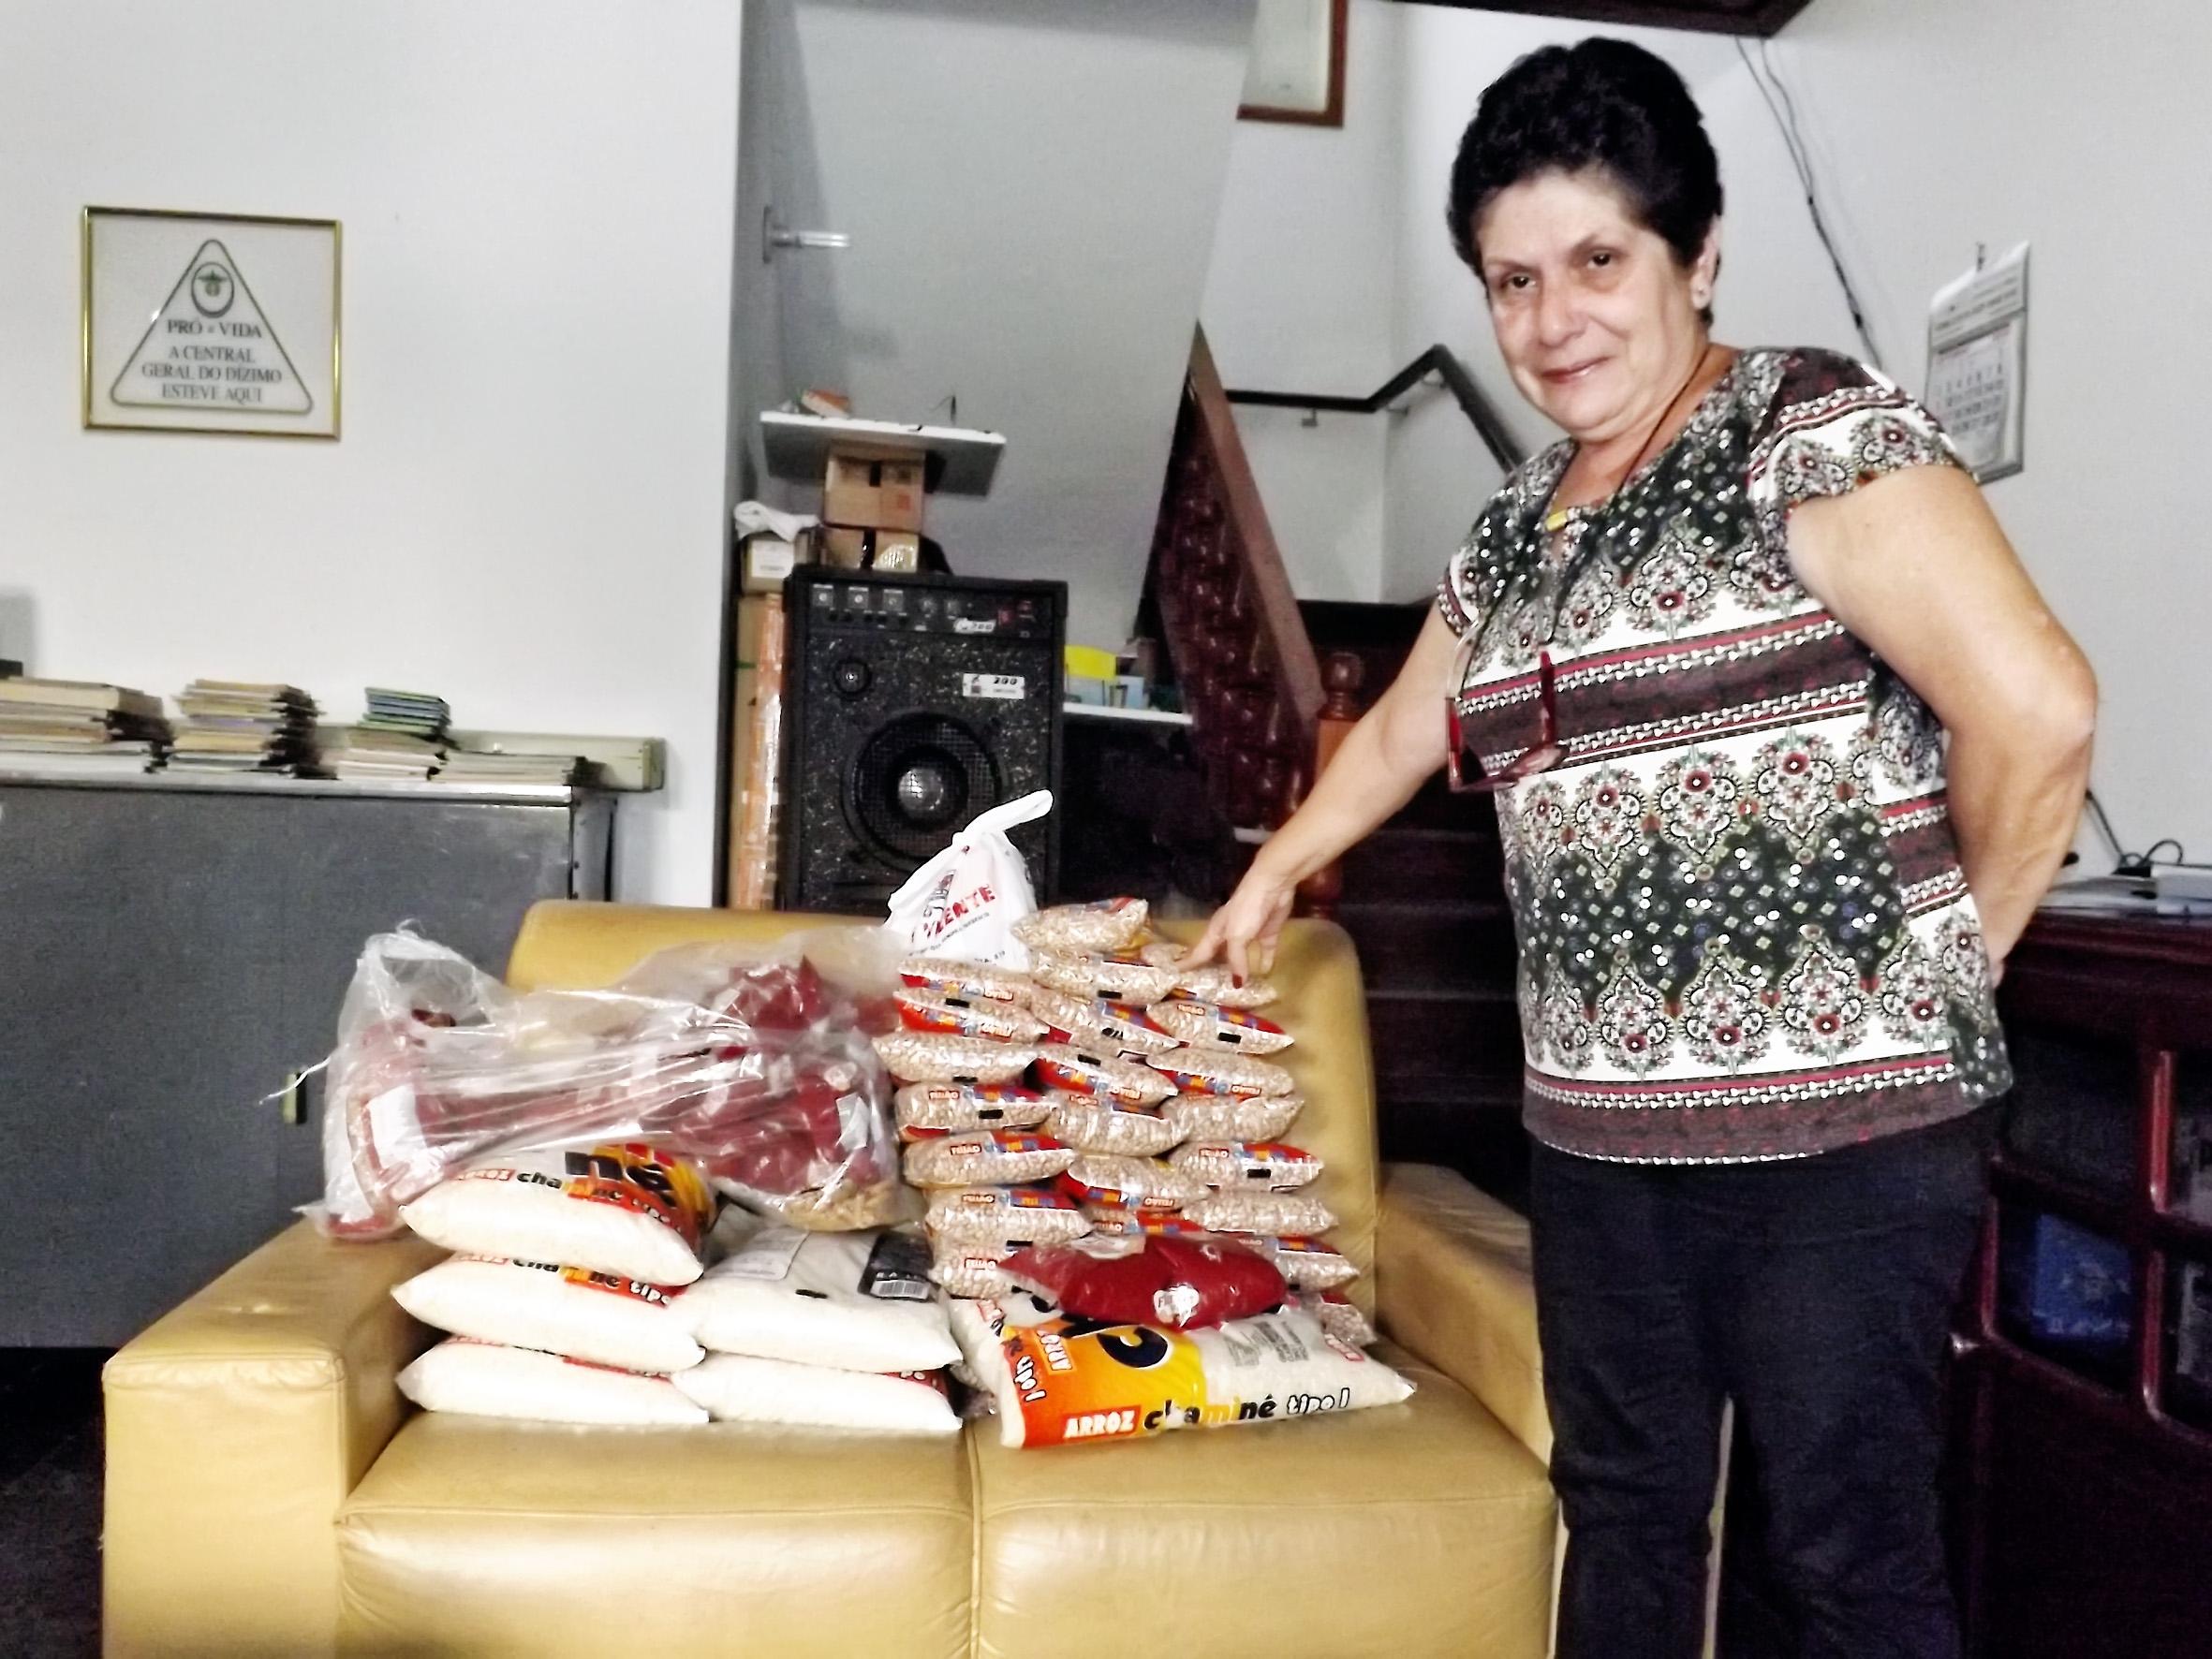 Alcione Ferreira mostra alimentos recuperados após ação de criminosos na Casa do Amigo, em Cachoeira (Foto: Lucas Barbosa)